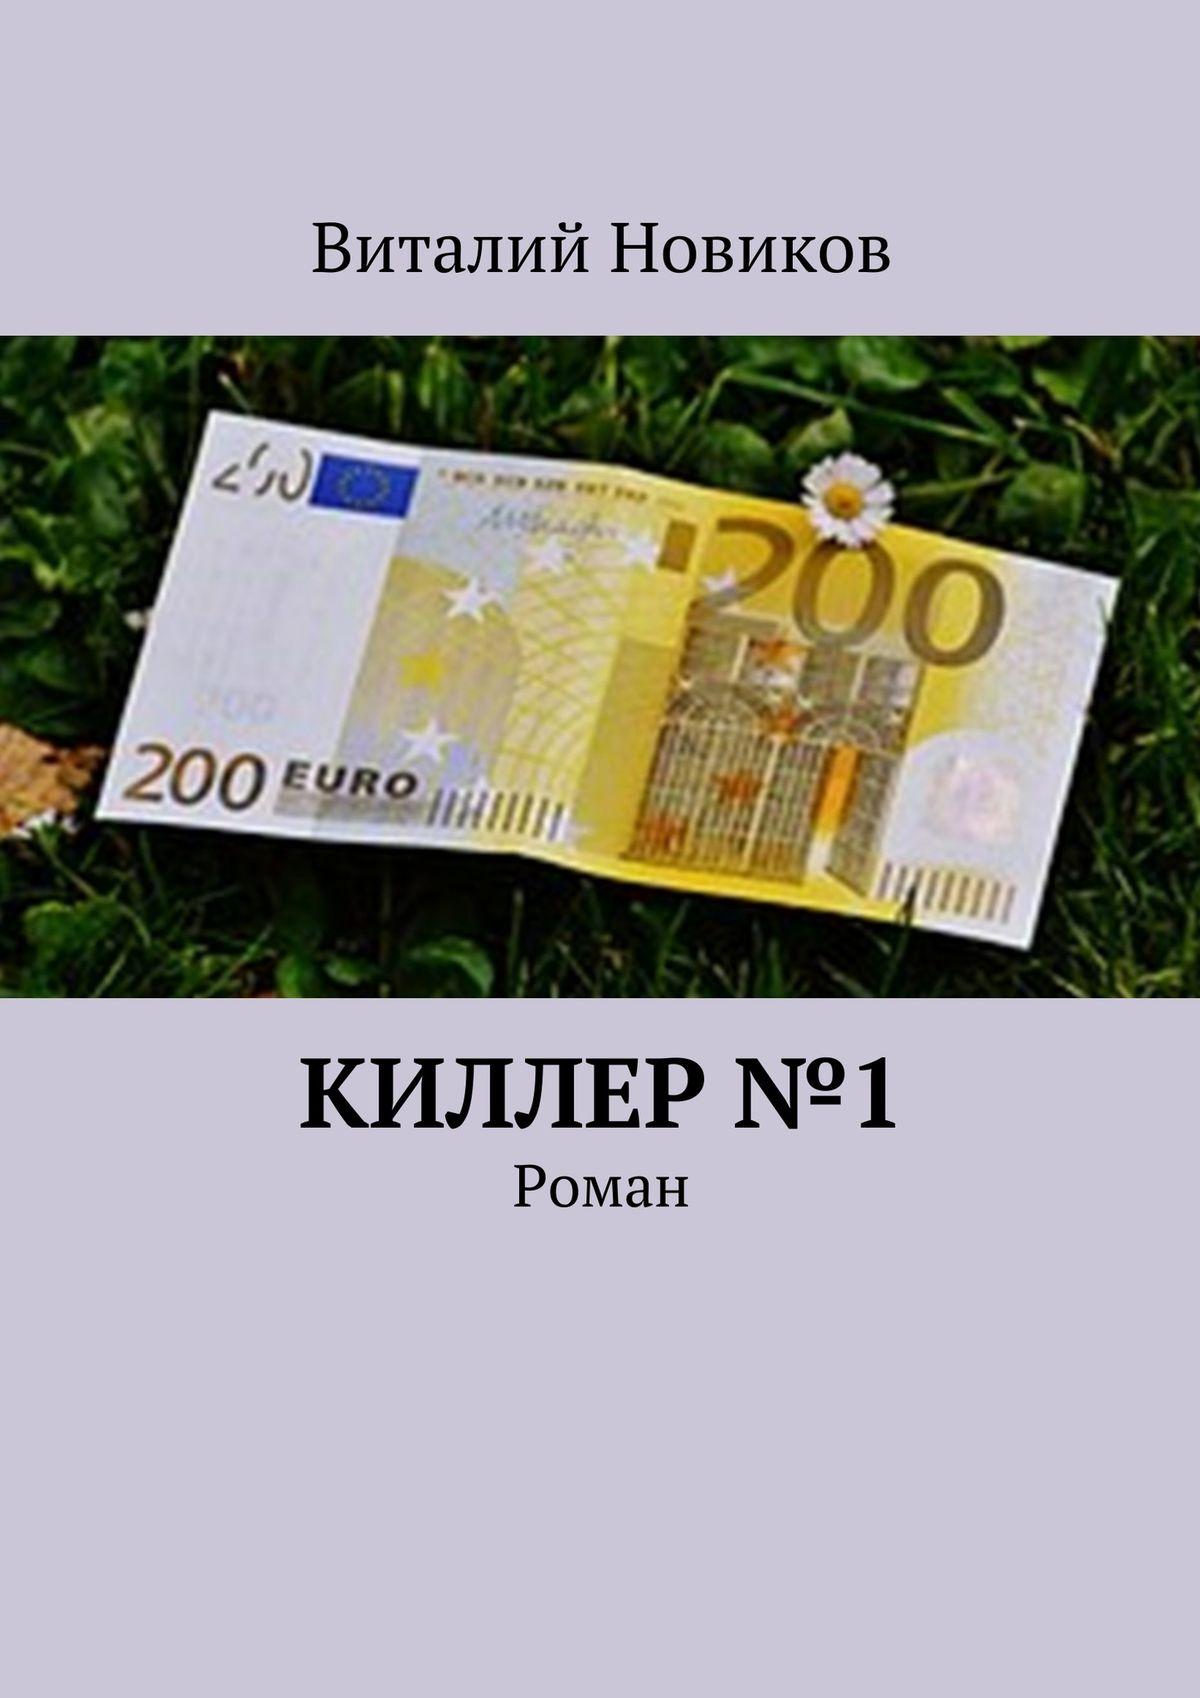 Виталий Новиков Киллер №1. Роман виталий новиков графоман роман isbn 9785447489861